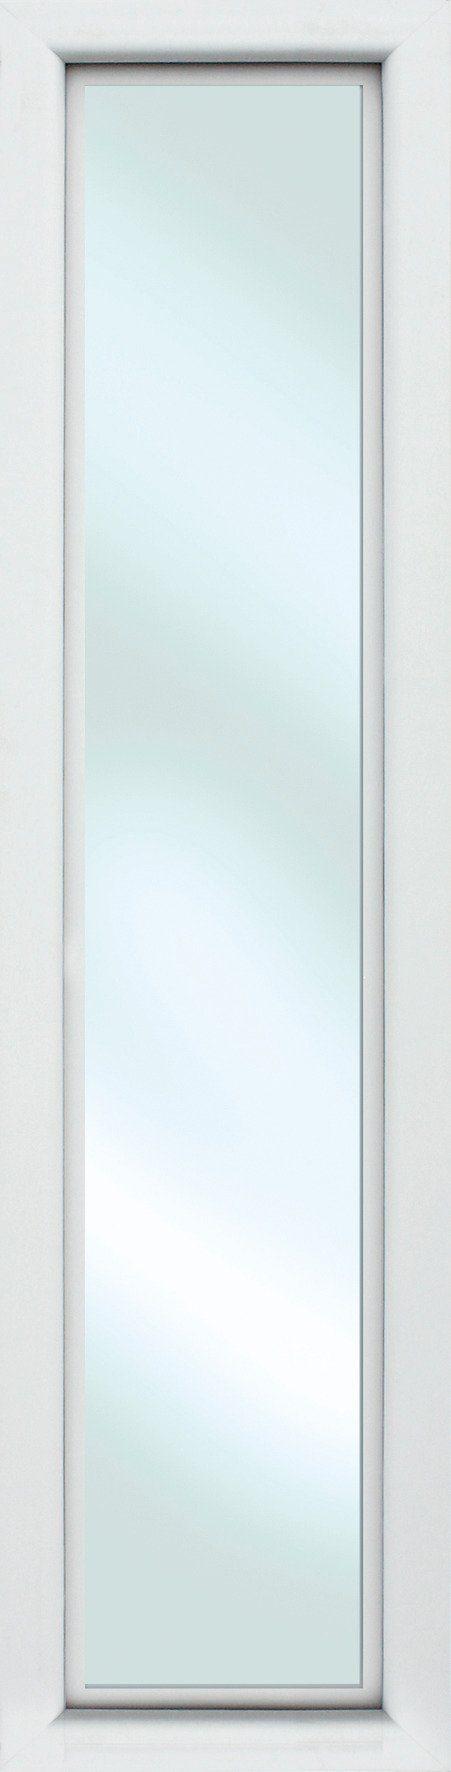 KM MEETH ZAUN GMBH Seitenteile »S01«, für Alu-Haustür, BxH: 50x198 cm, weiß